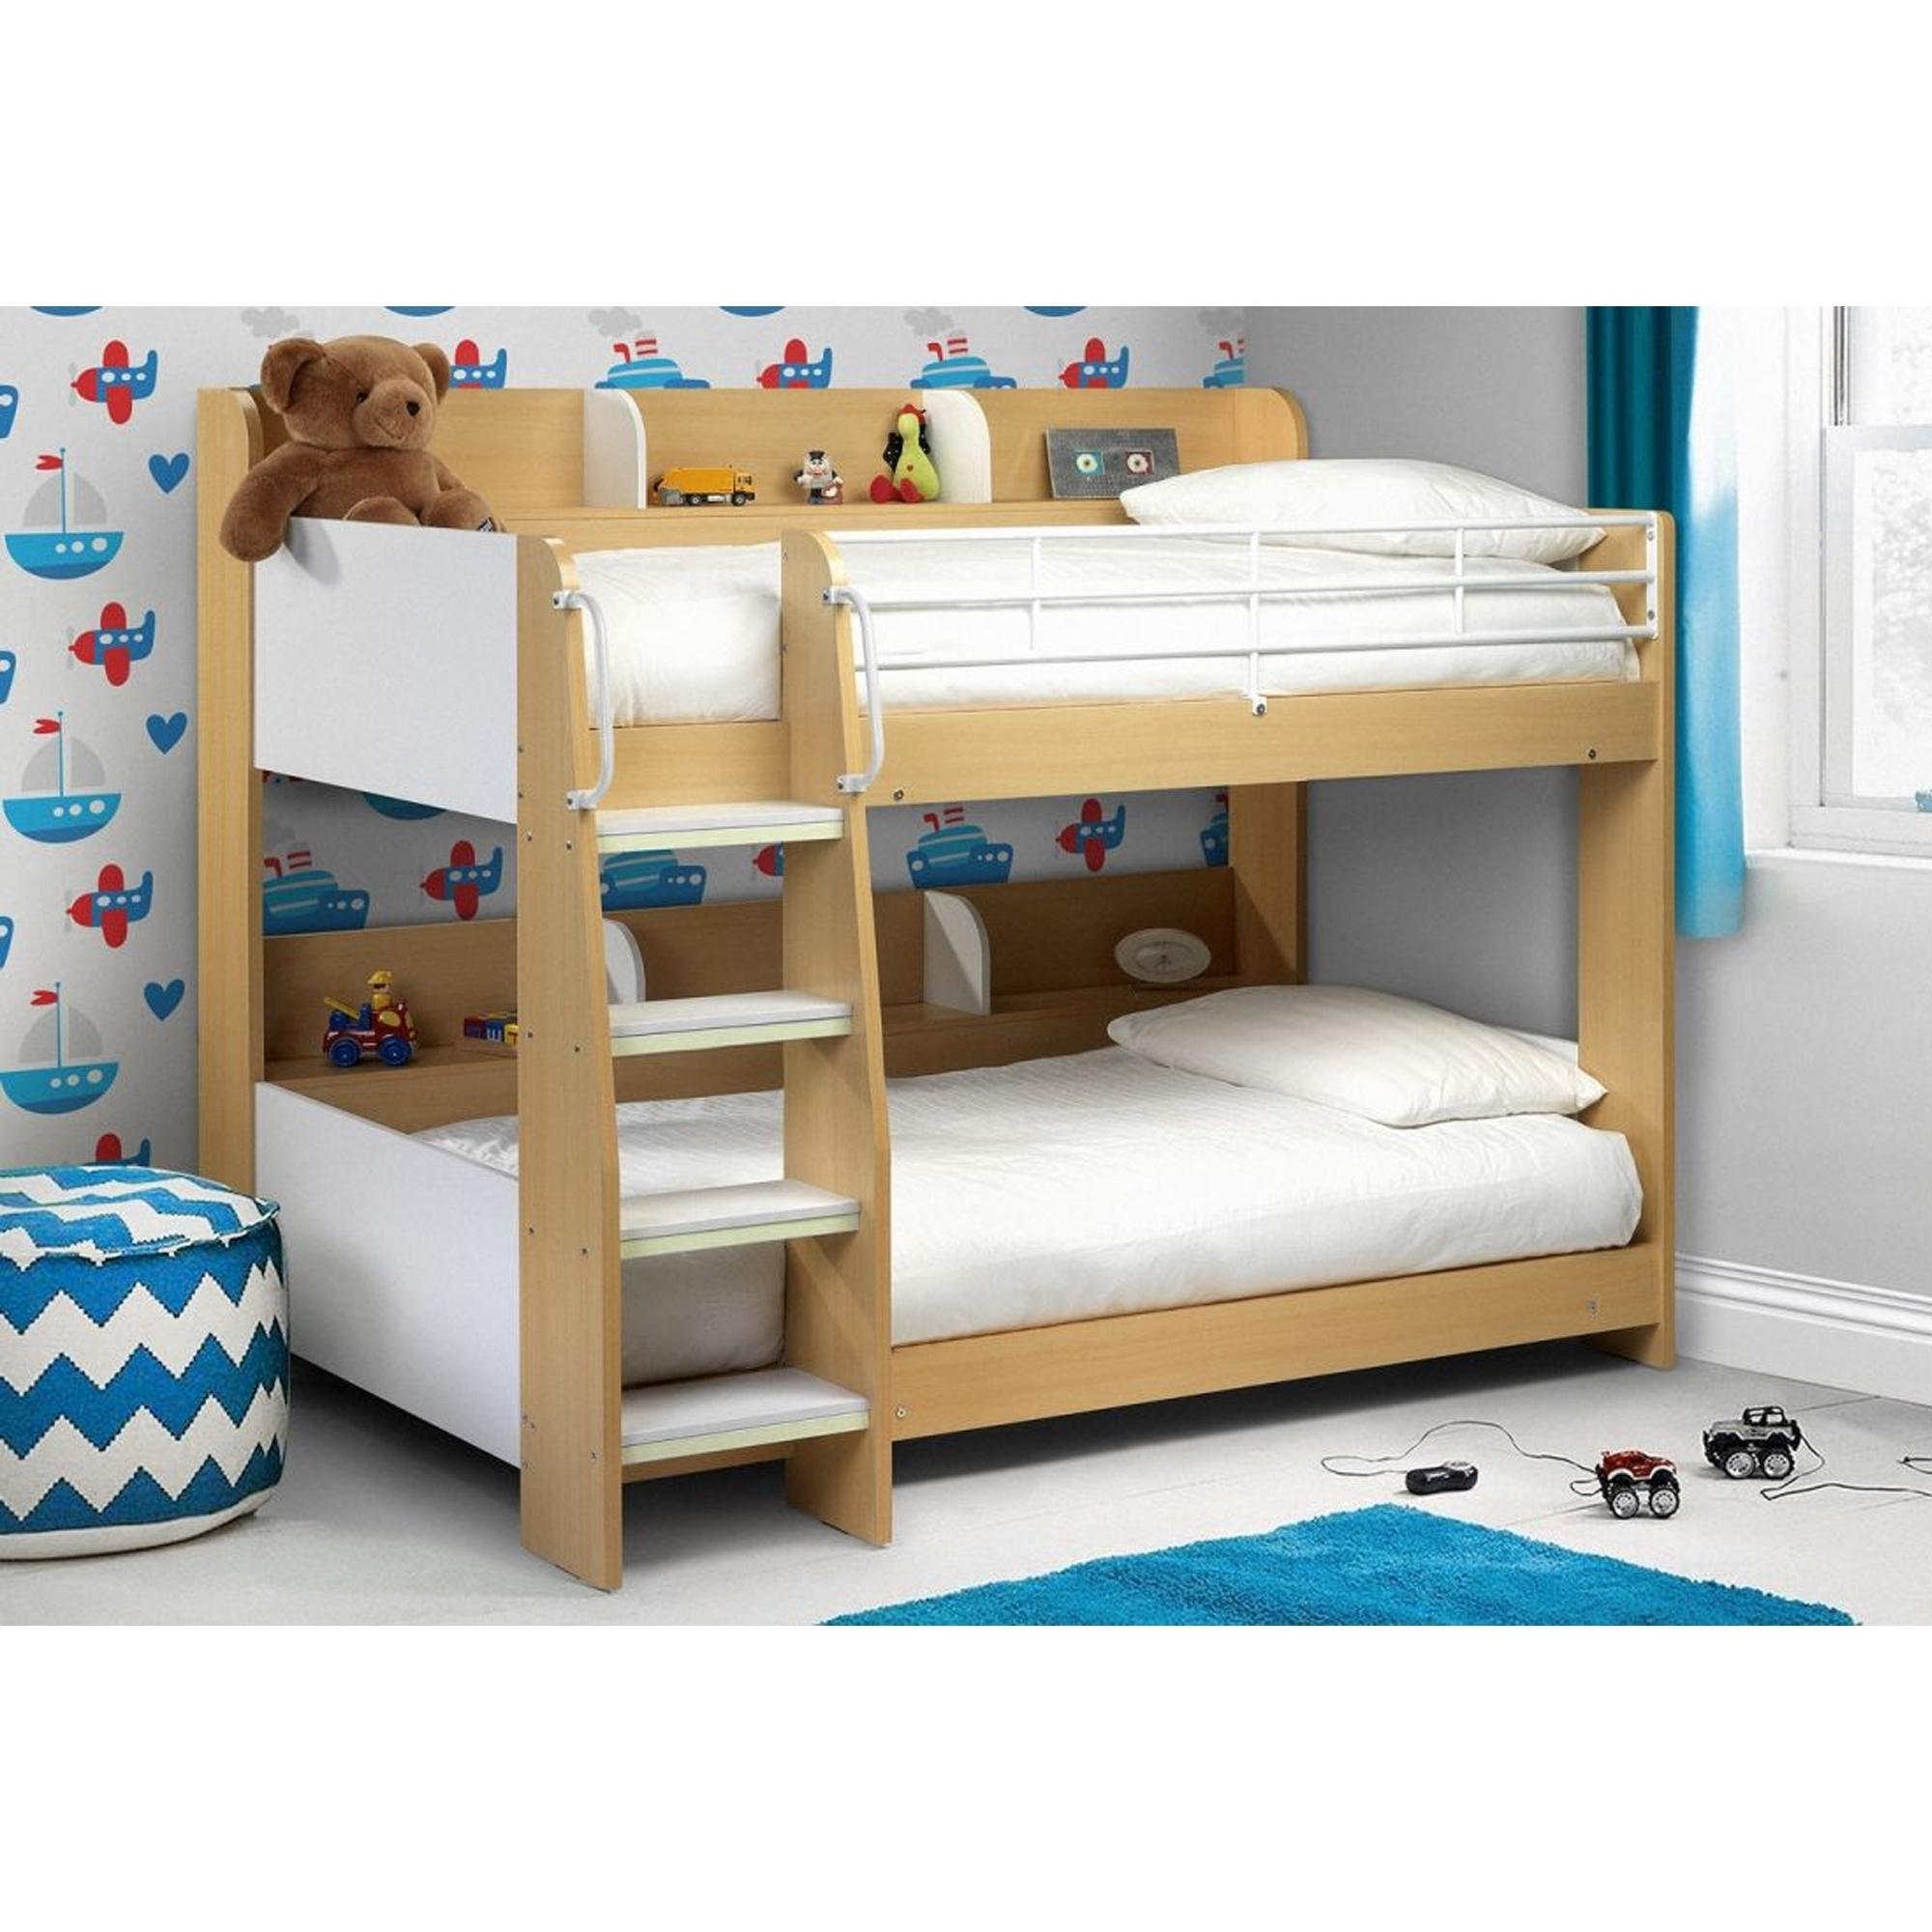 Domino Bunk Bed Maple White Contemporary Children Furniture